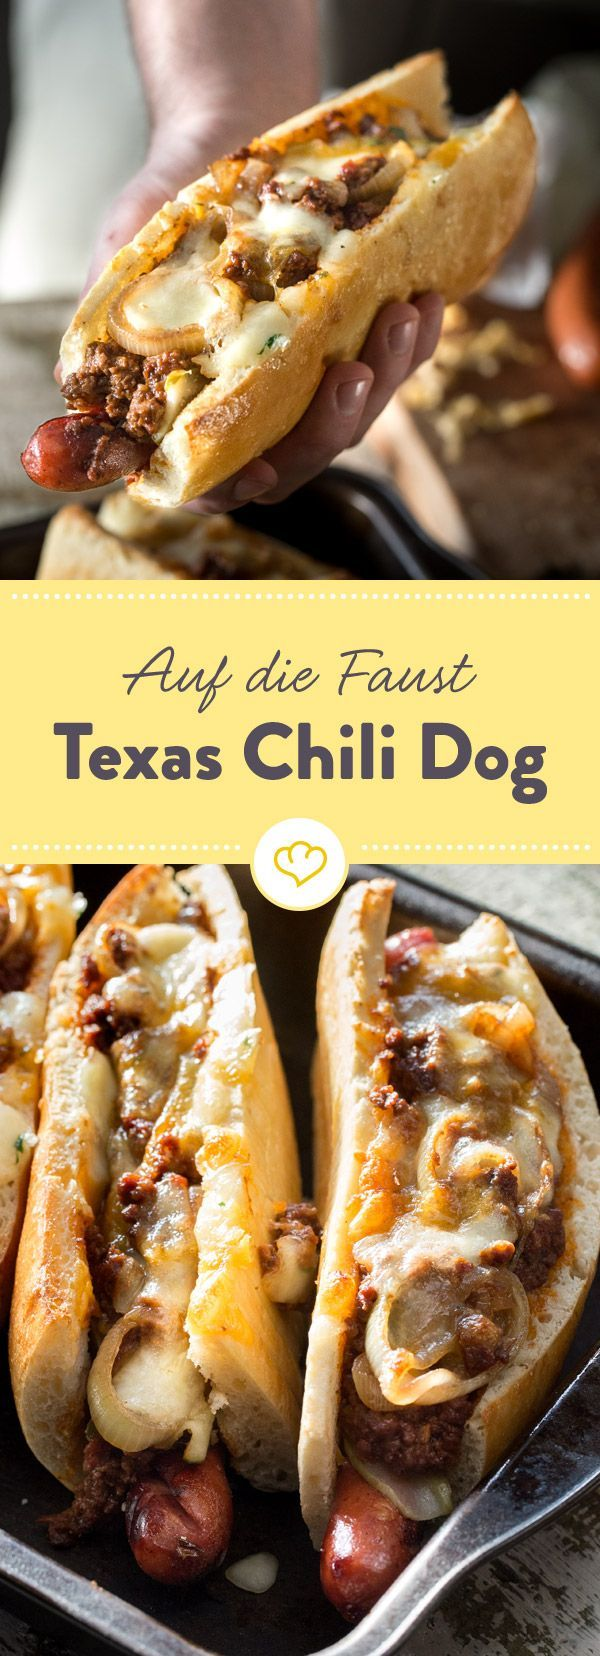 Auf die Faust – Texas Chili Dog